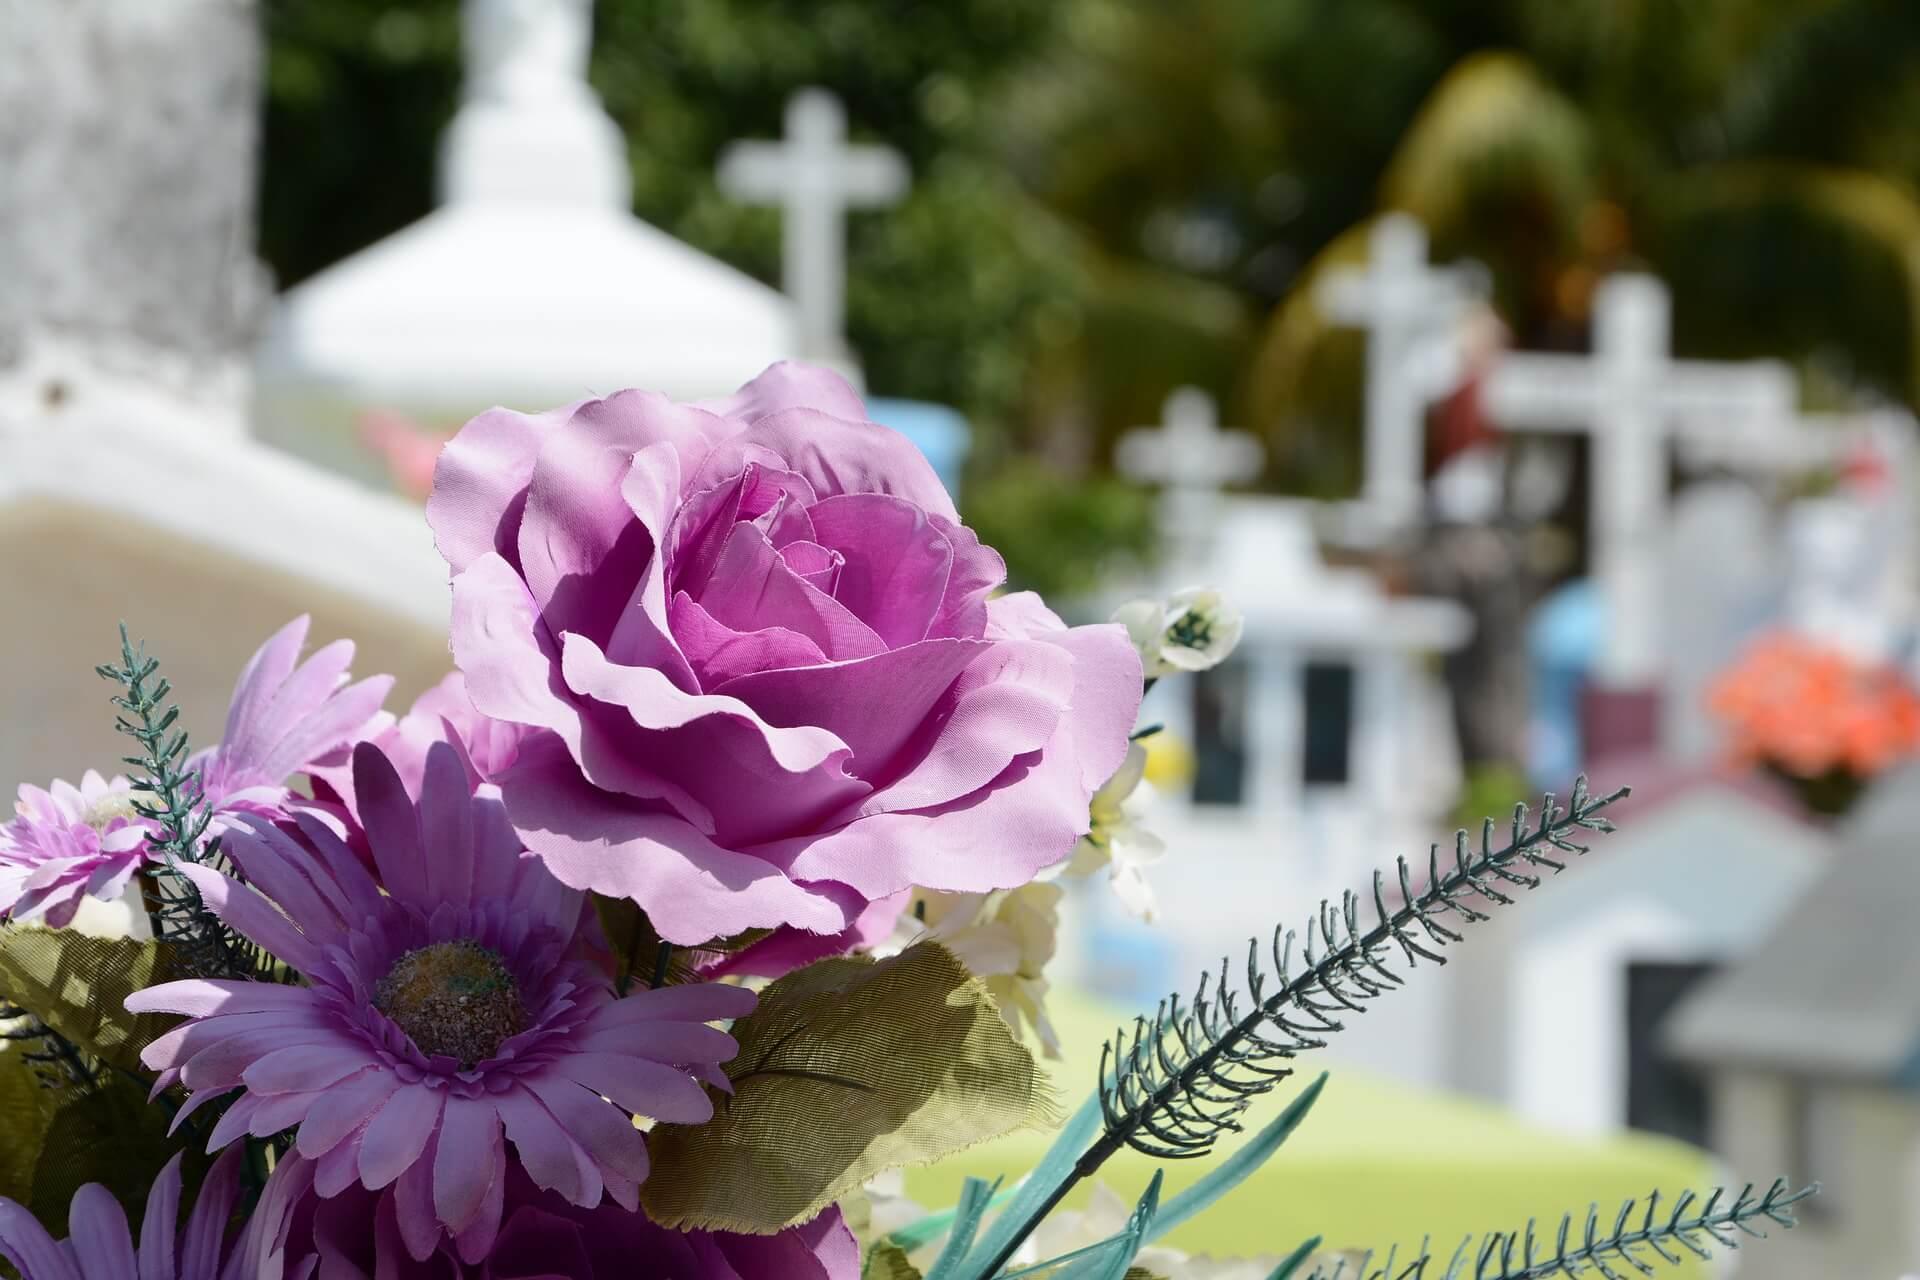 Ein schöner Friedhof, im Vordergrund violette Blüten